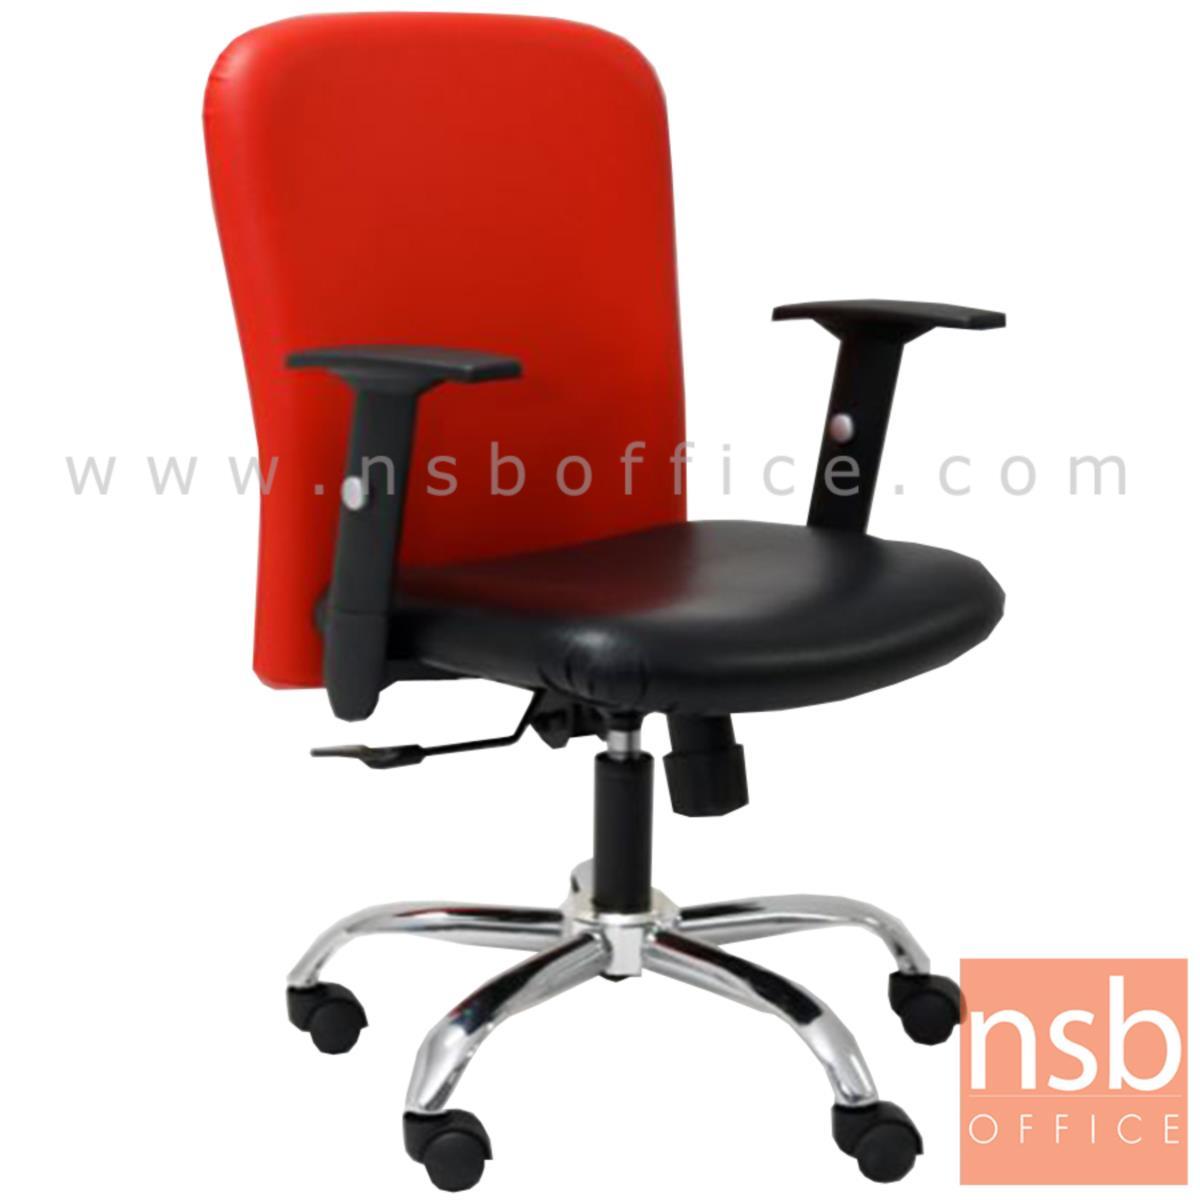 B03A385:เก้าอี้สำนักงาน รุ่น Benicio (เบนิซิโอ)  โช๊คแก๊ส มีก้อนโยก ขาเหล็กชุบโครเมี่ยม